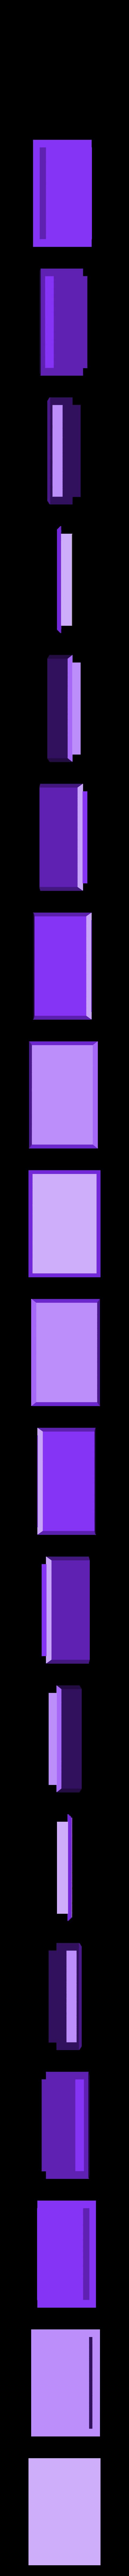 BlockBack06_09.stl Download STL file Playing Card Tiles • Object to 3D print, Jinja